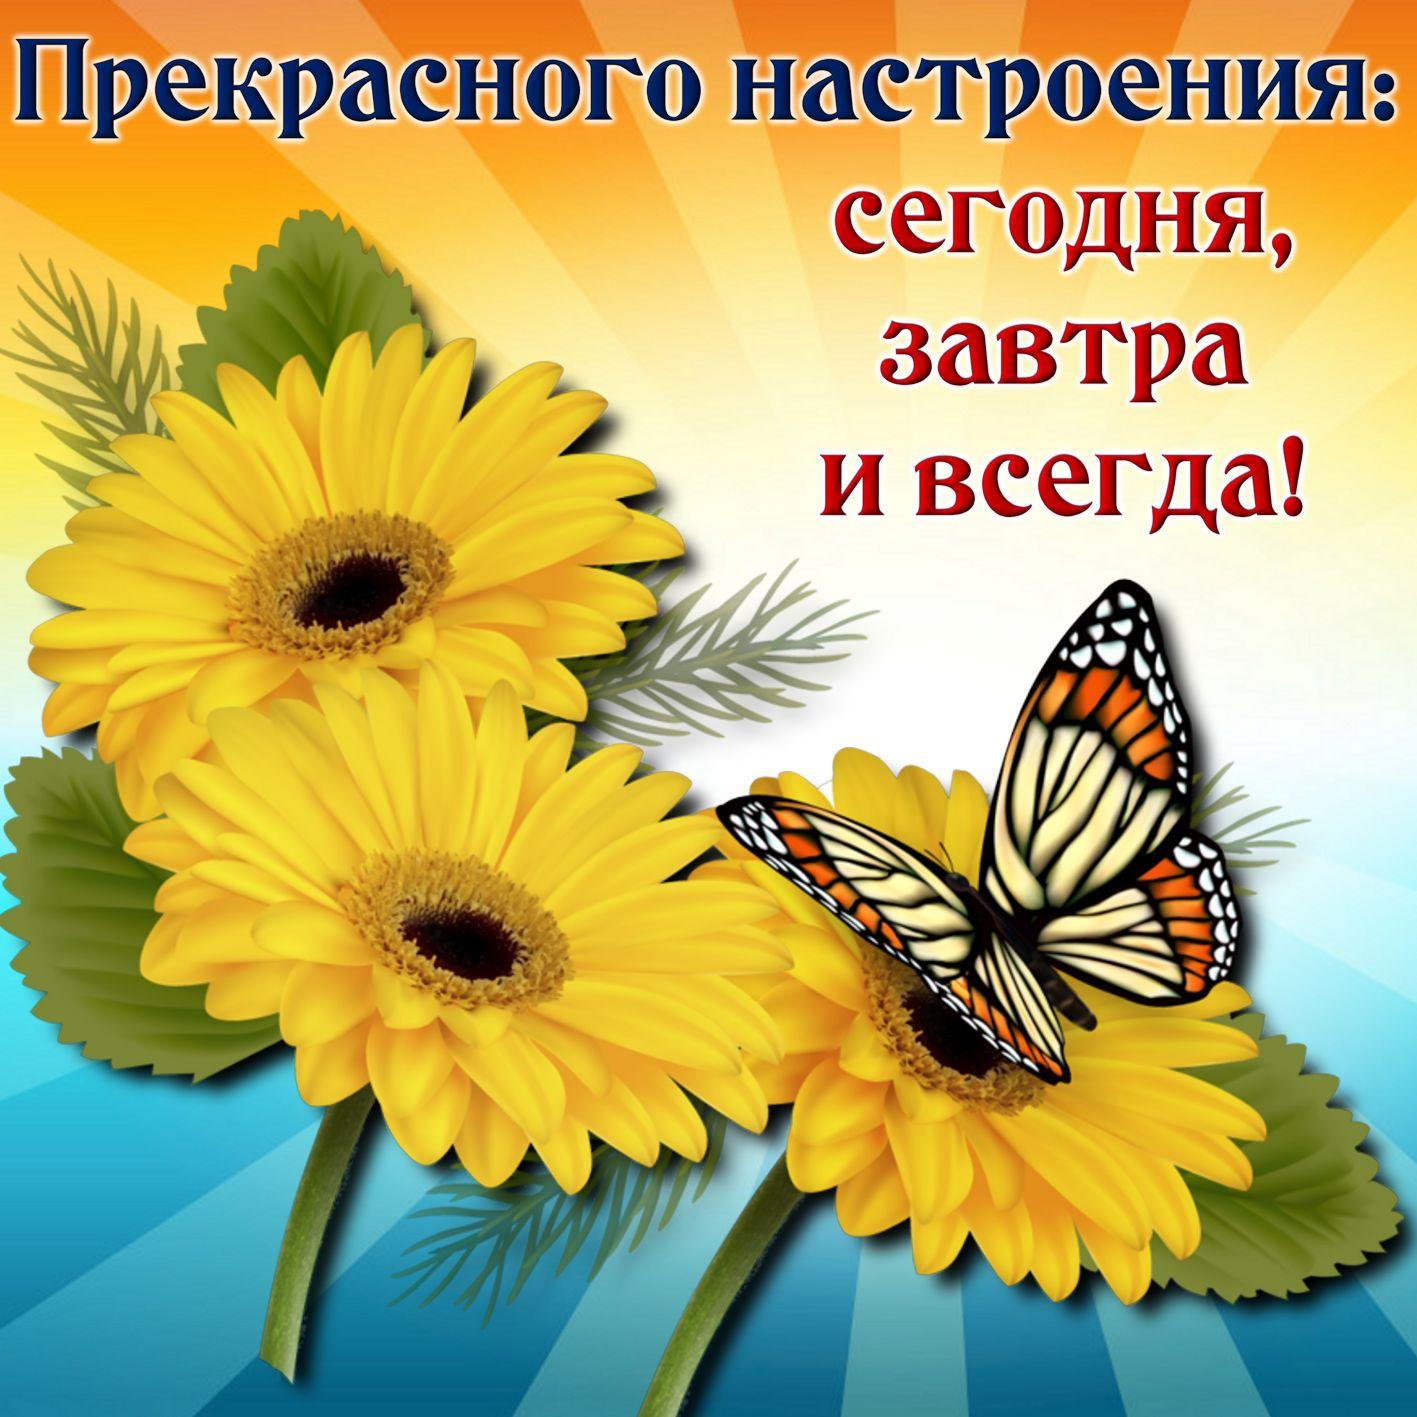 Открытка хорошего настроения - бабочка на ярких подсолнухах